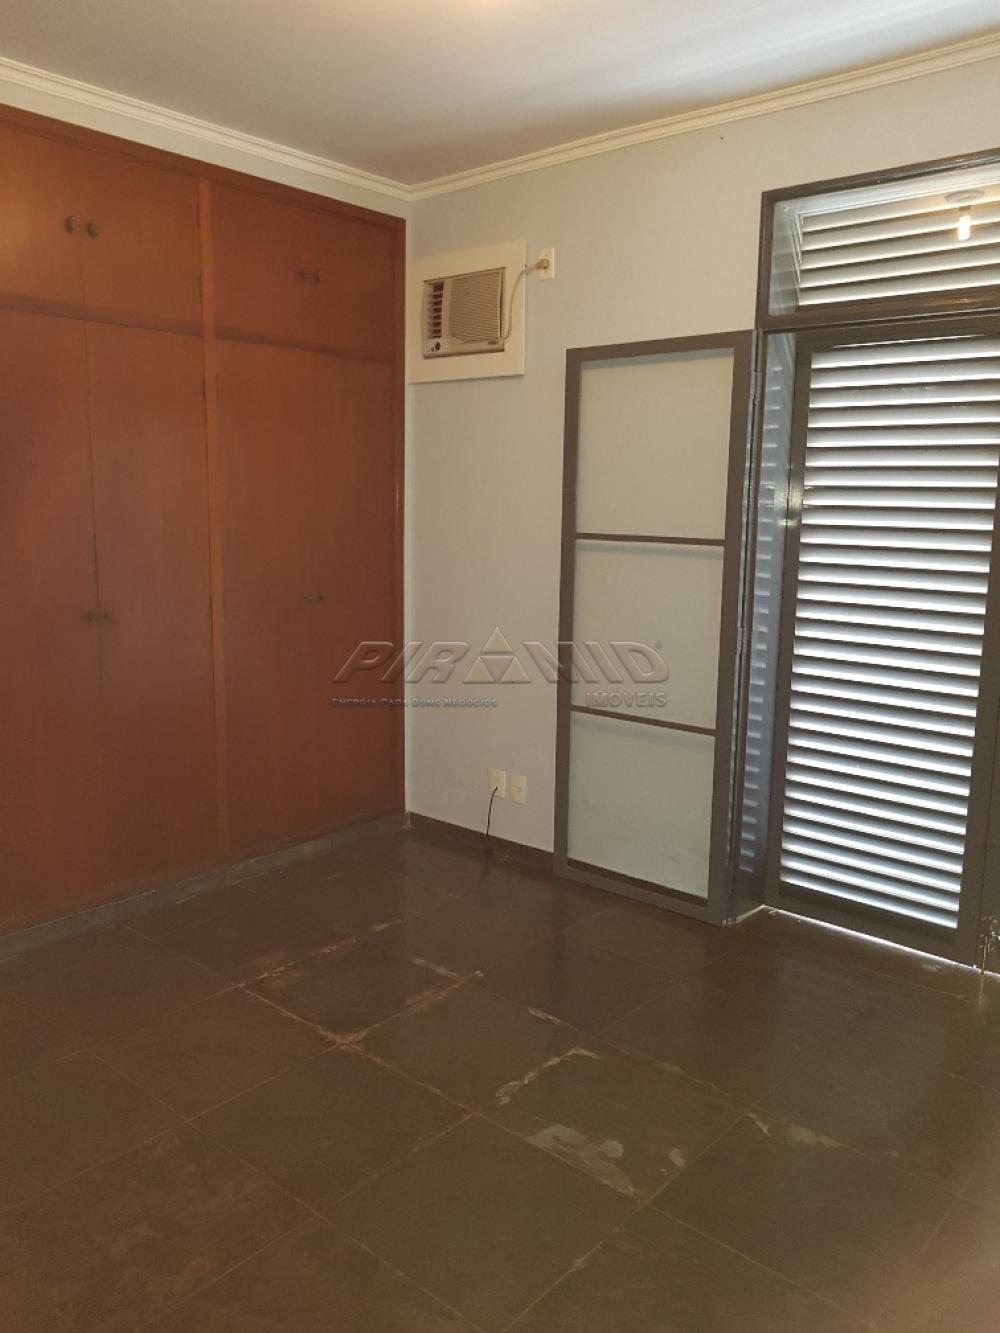 Comprar Casa / Padrão em Ribeirão Preto R$ 990.000,00 - Foto 23